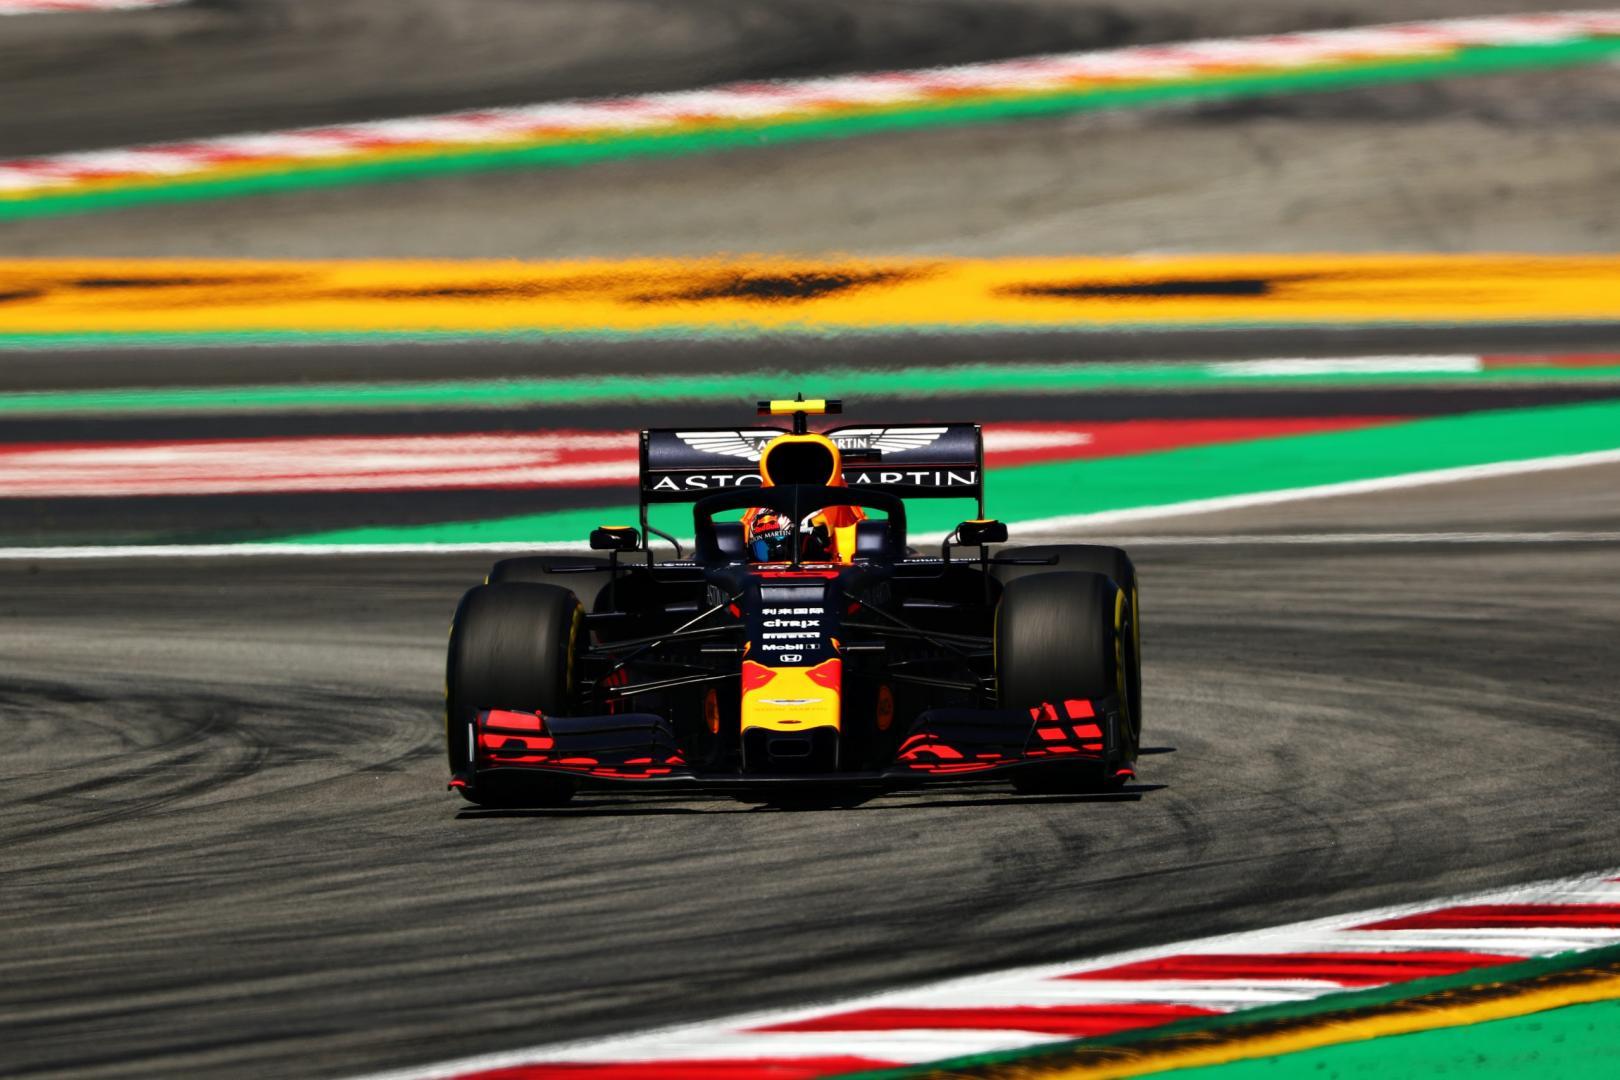 Red Bull RB14 van Pierre Gasly tijdens de GP van Spanje